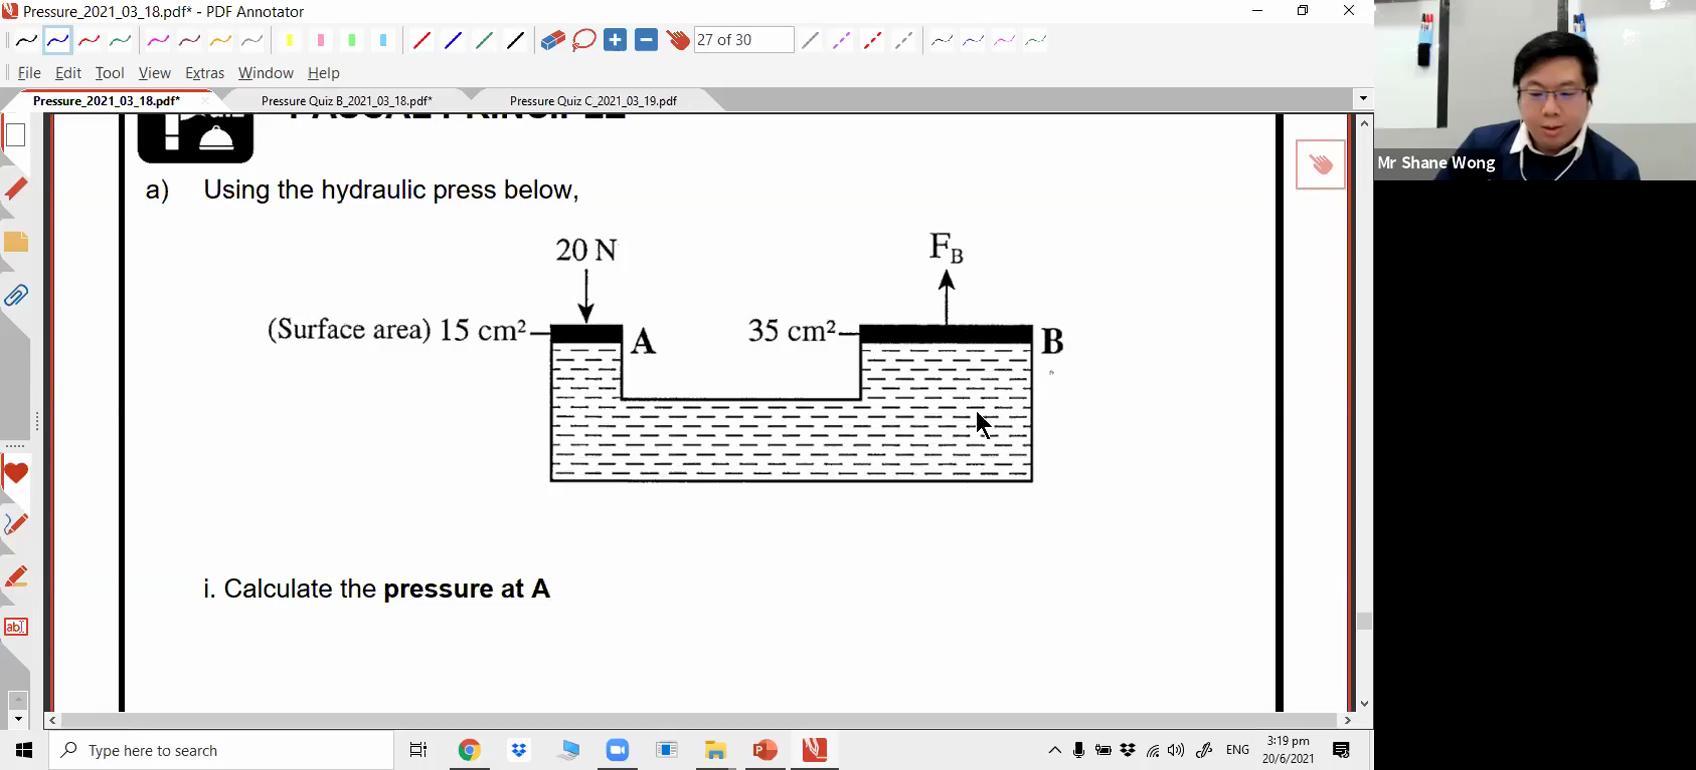 [PRESSURE] Hydraulic System